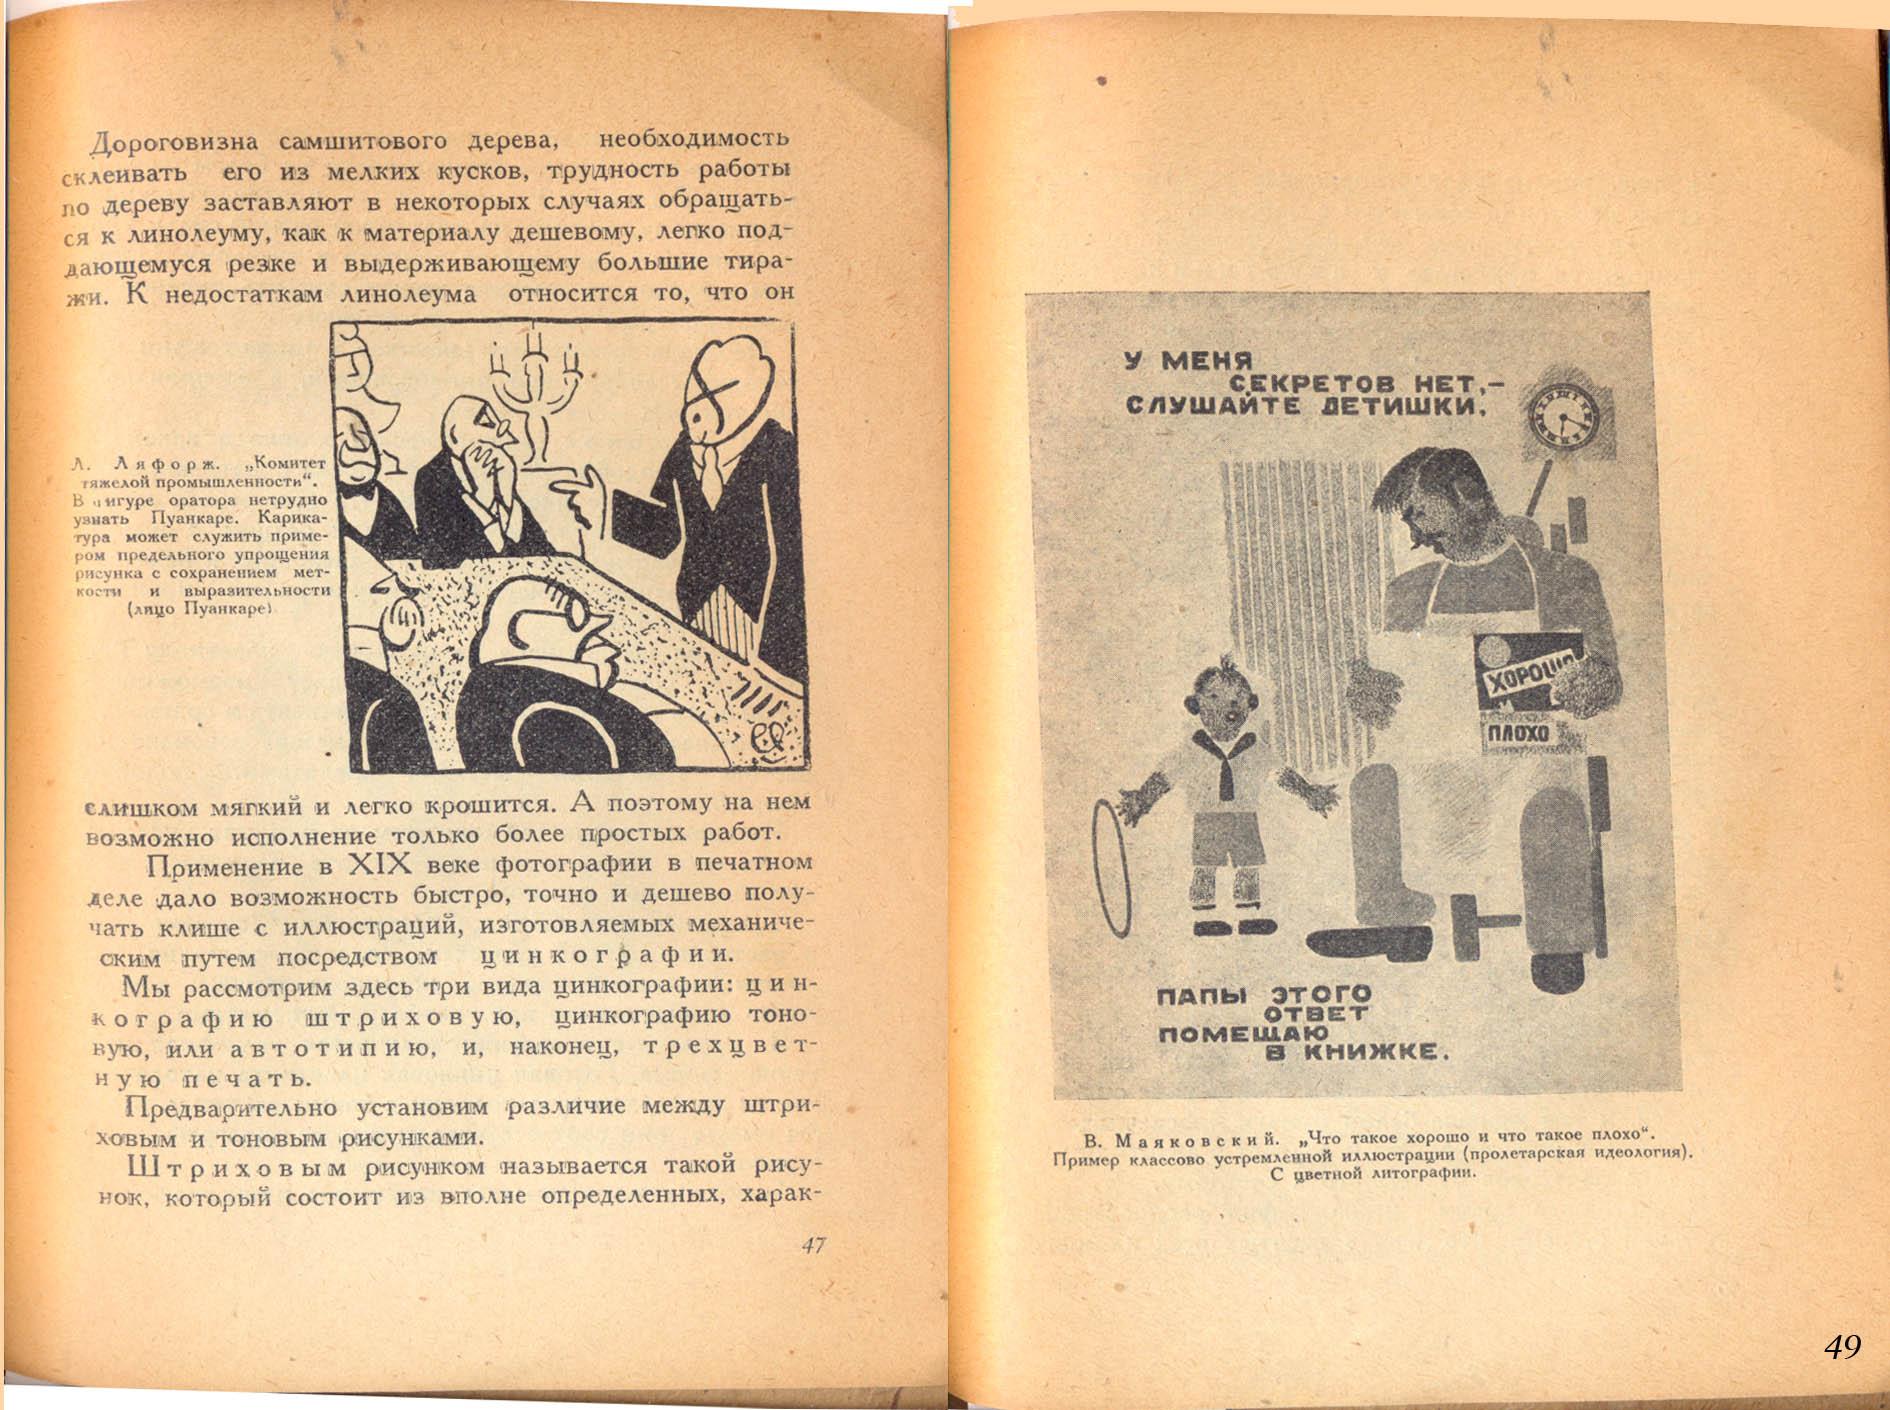 иллюстрация в книге 49.jpg